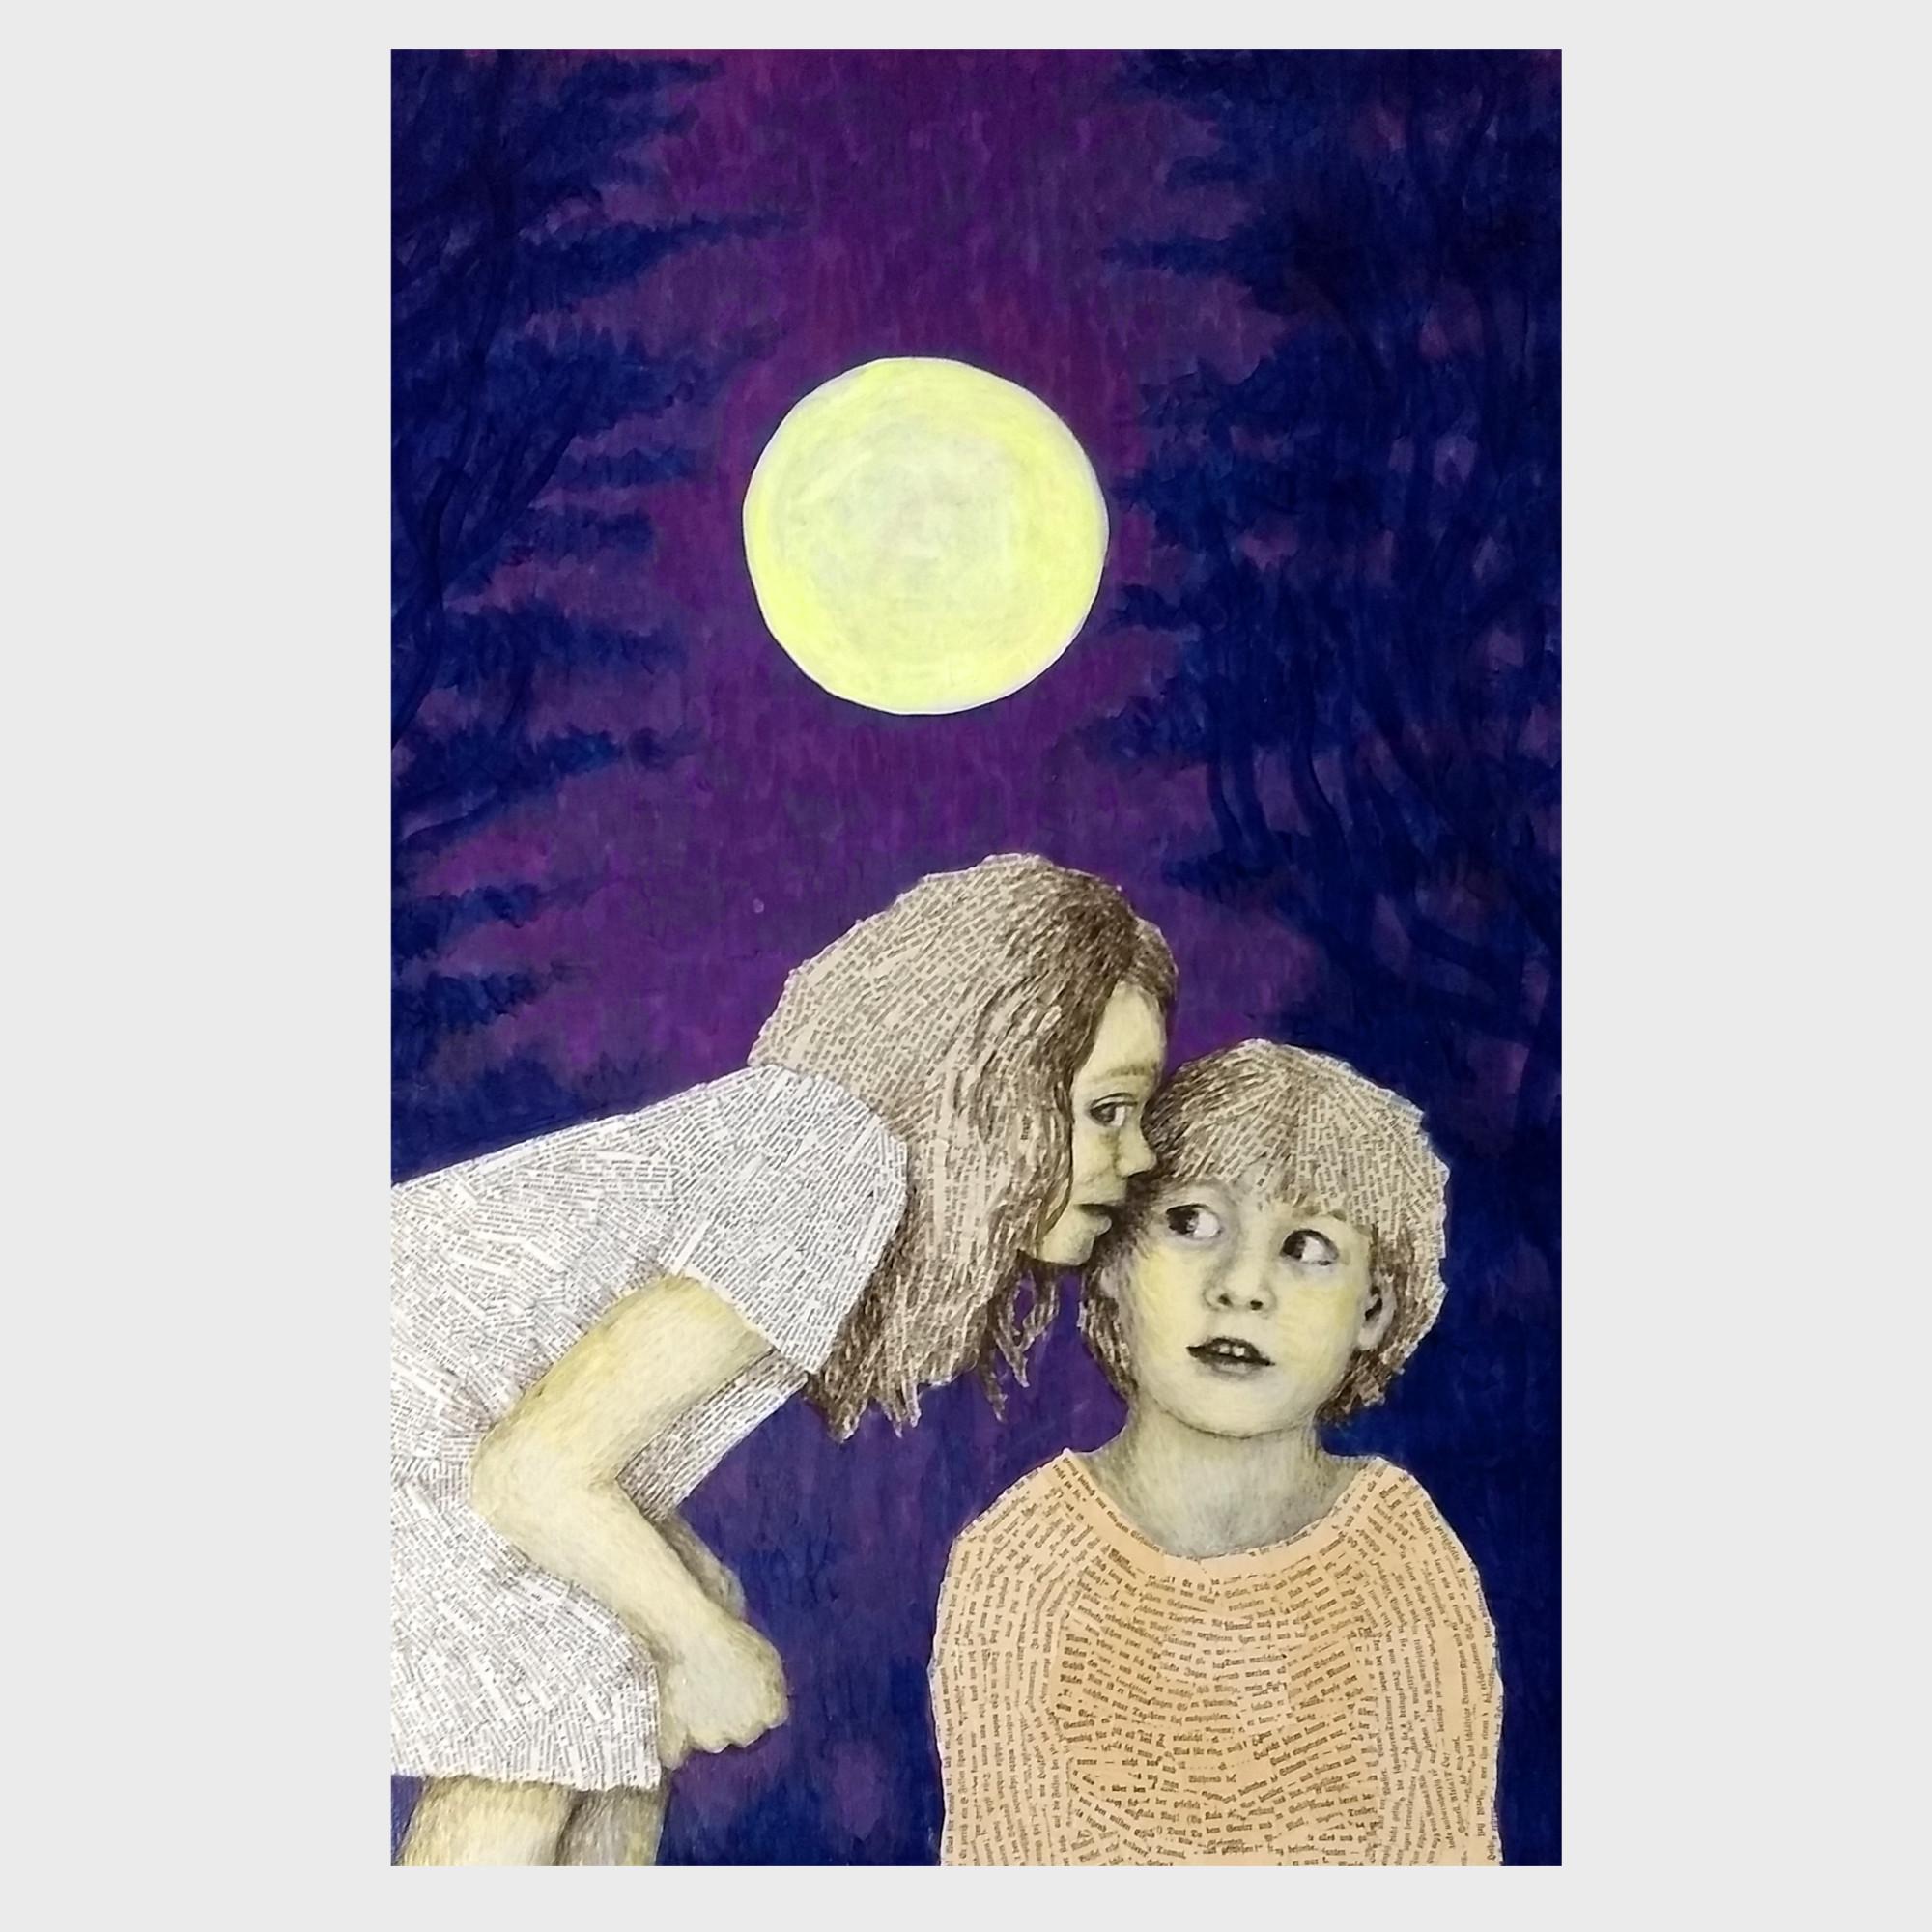 Mondnacht: Malerei und Collage aus alten Buchseiten